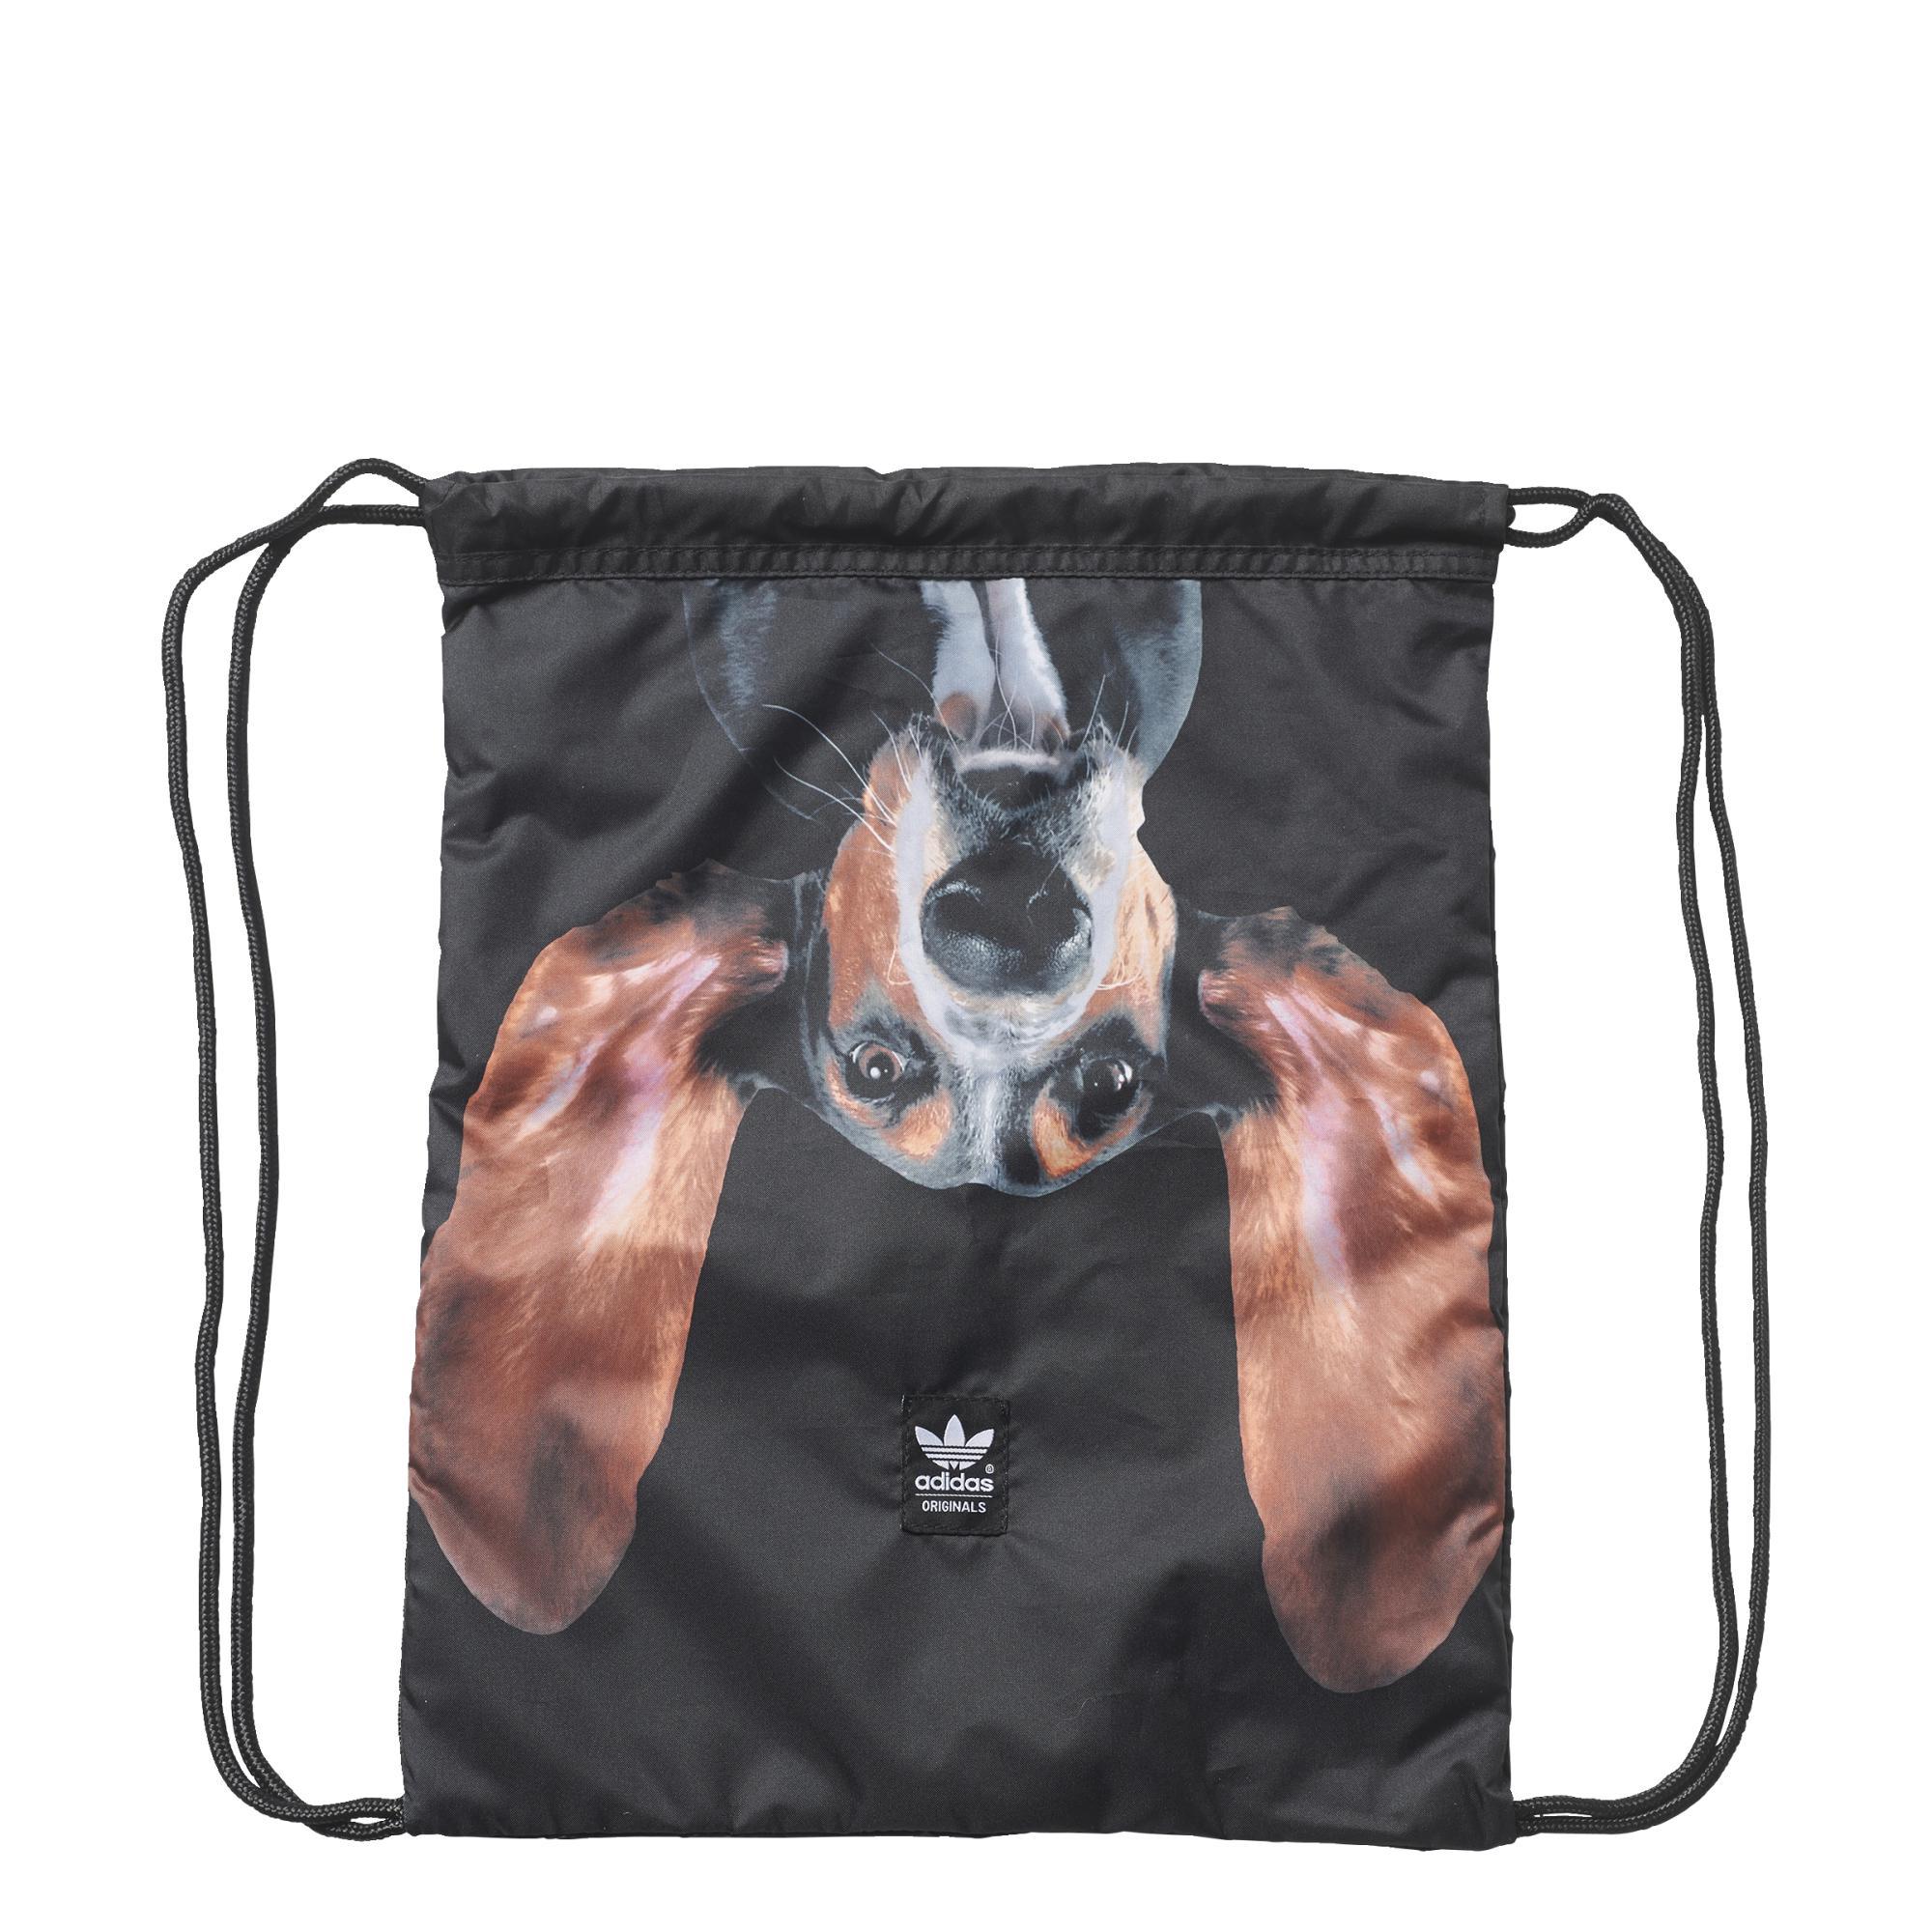 low cost 58de5 354df Adidas Originals GymSack Puppy Pooch Rita Ora (negro)